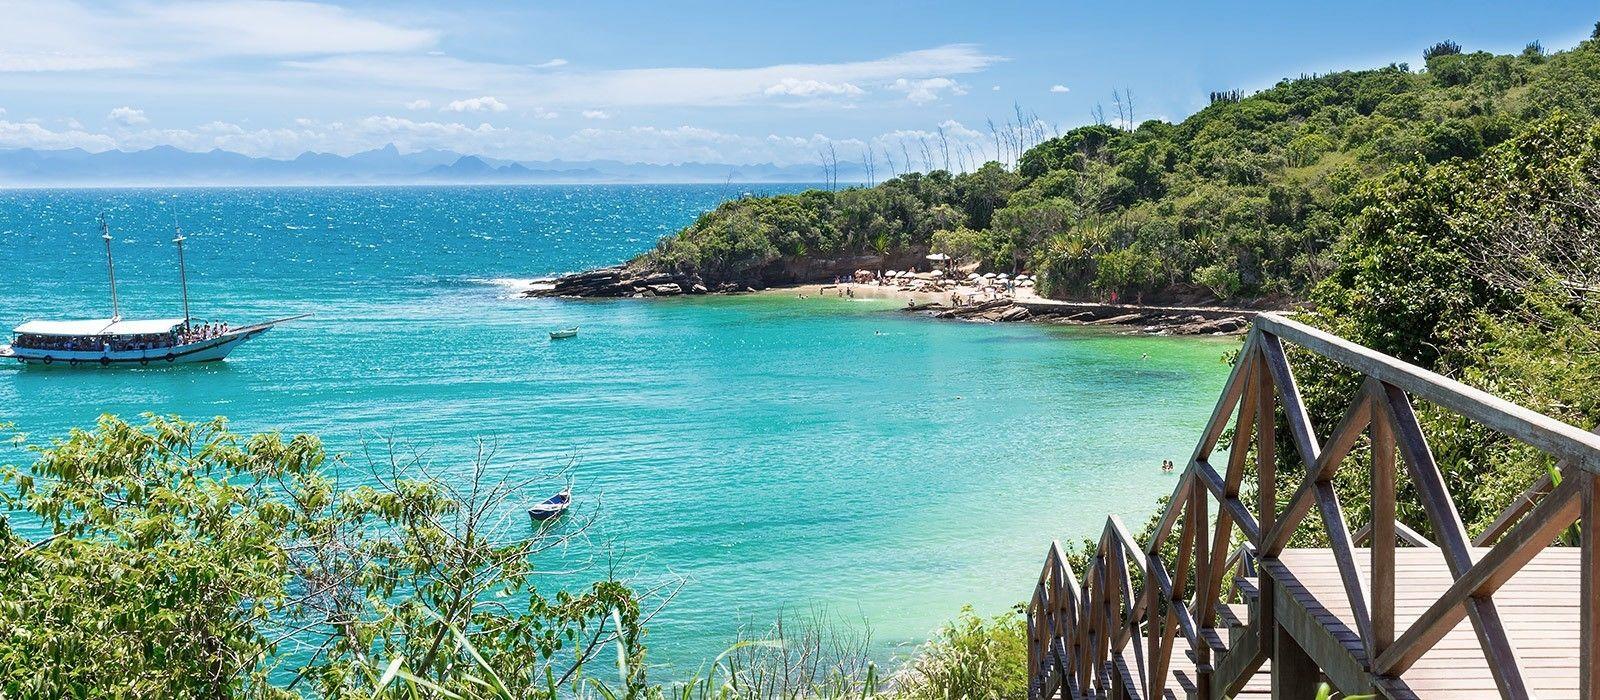 Brasilien: Lebensart und Wunder der Natur Urlaub 3